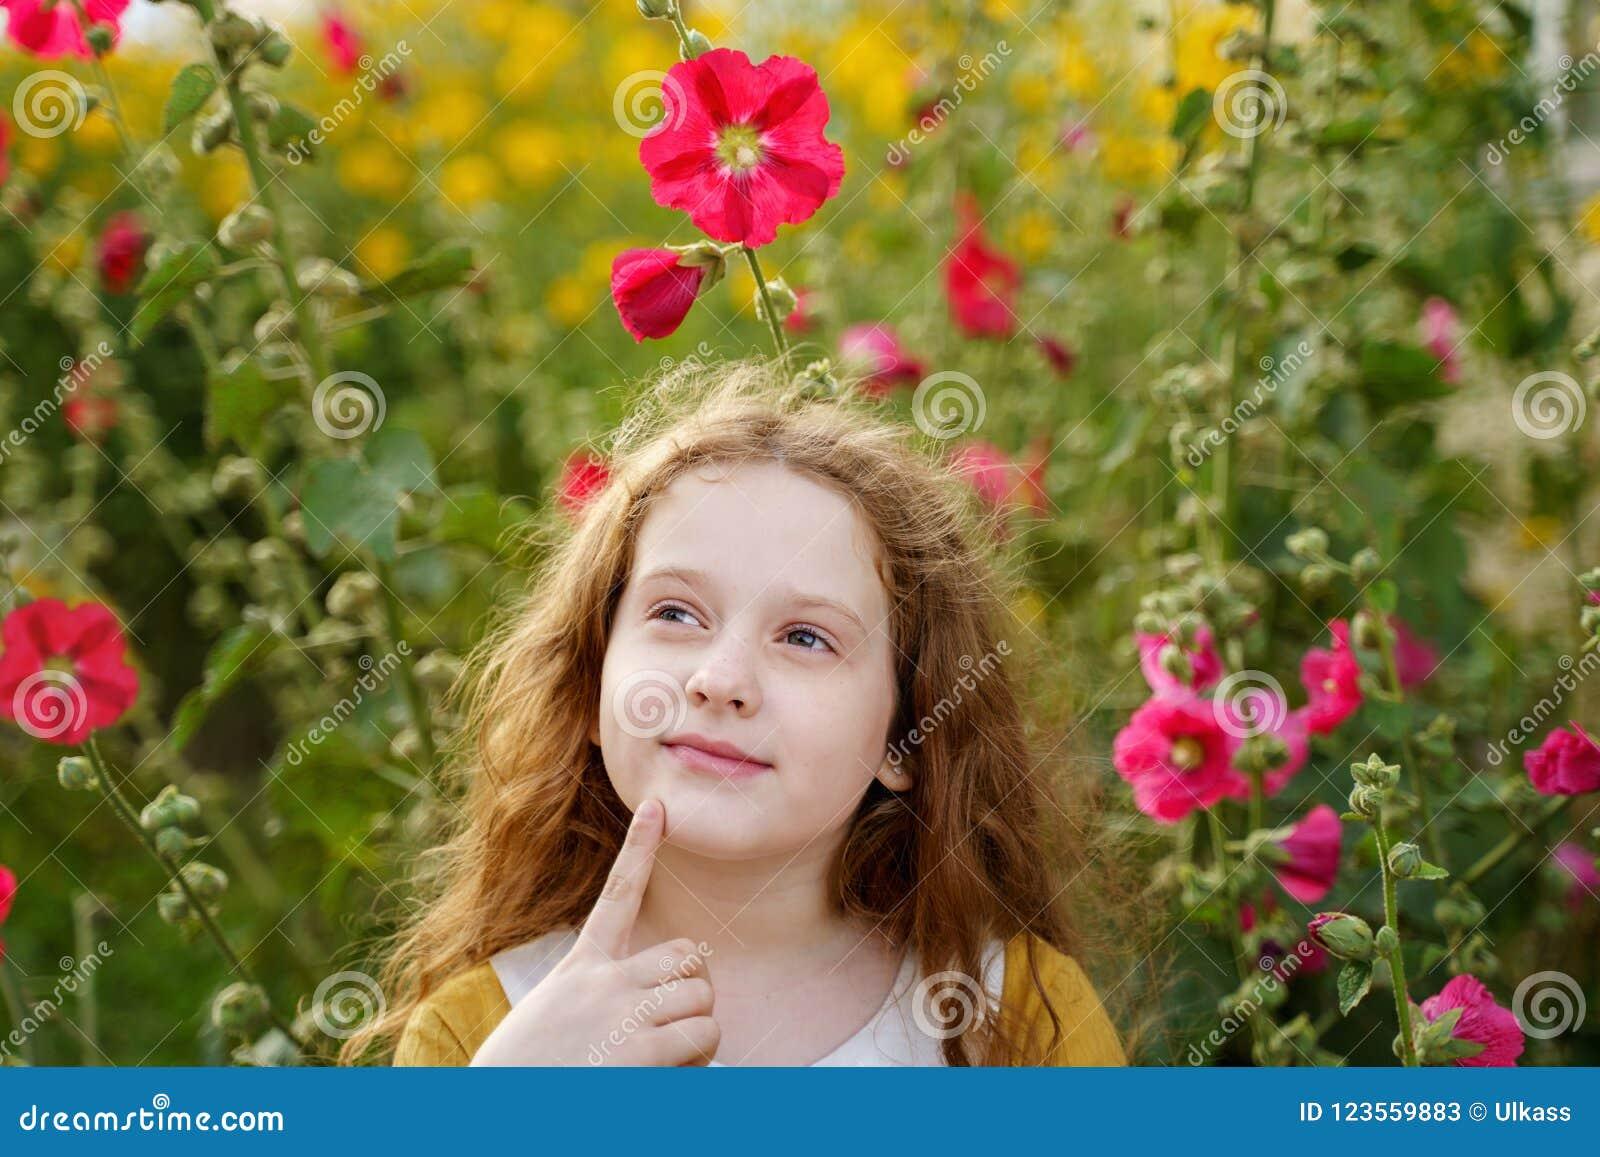 Подбородок задумчивой маленькой девочки касающий с думая стороной выражения